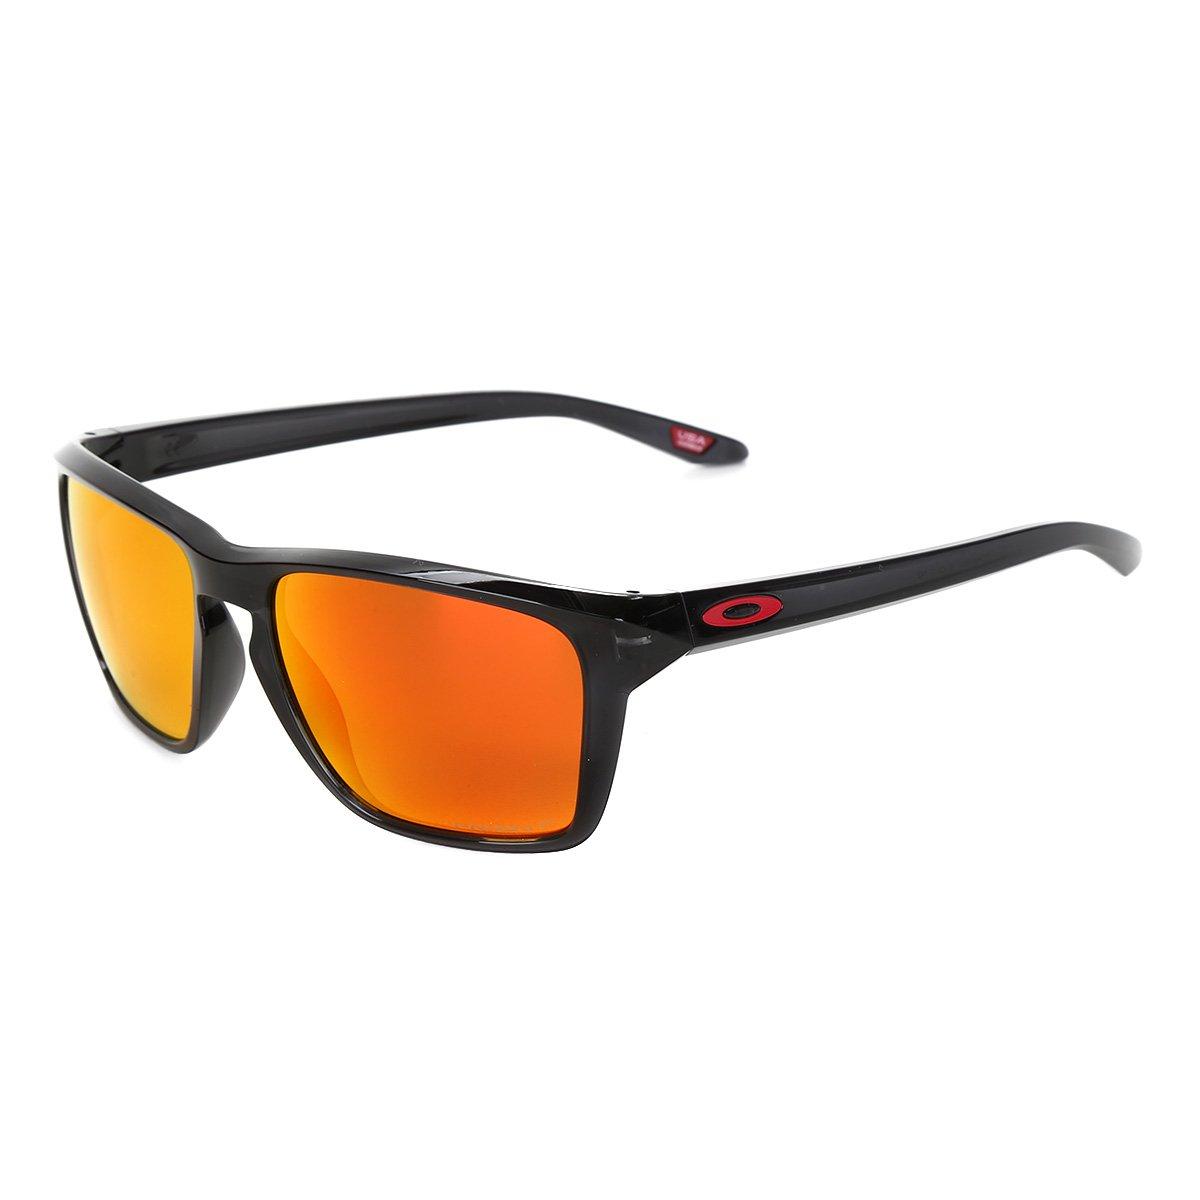 Óculos de Sol Oakley Sylas Pol